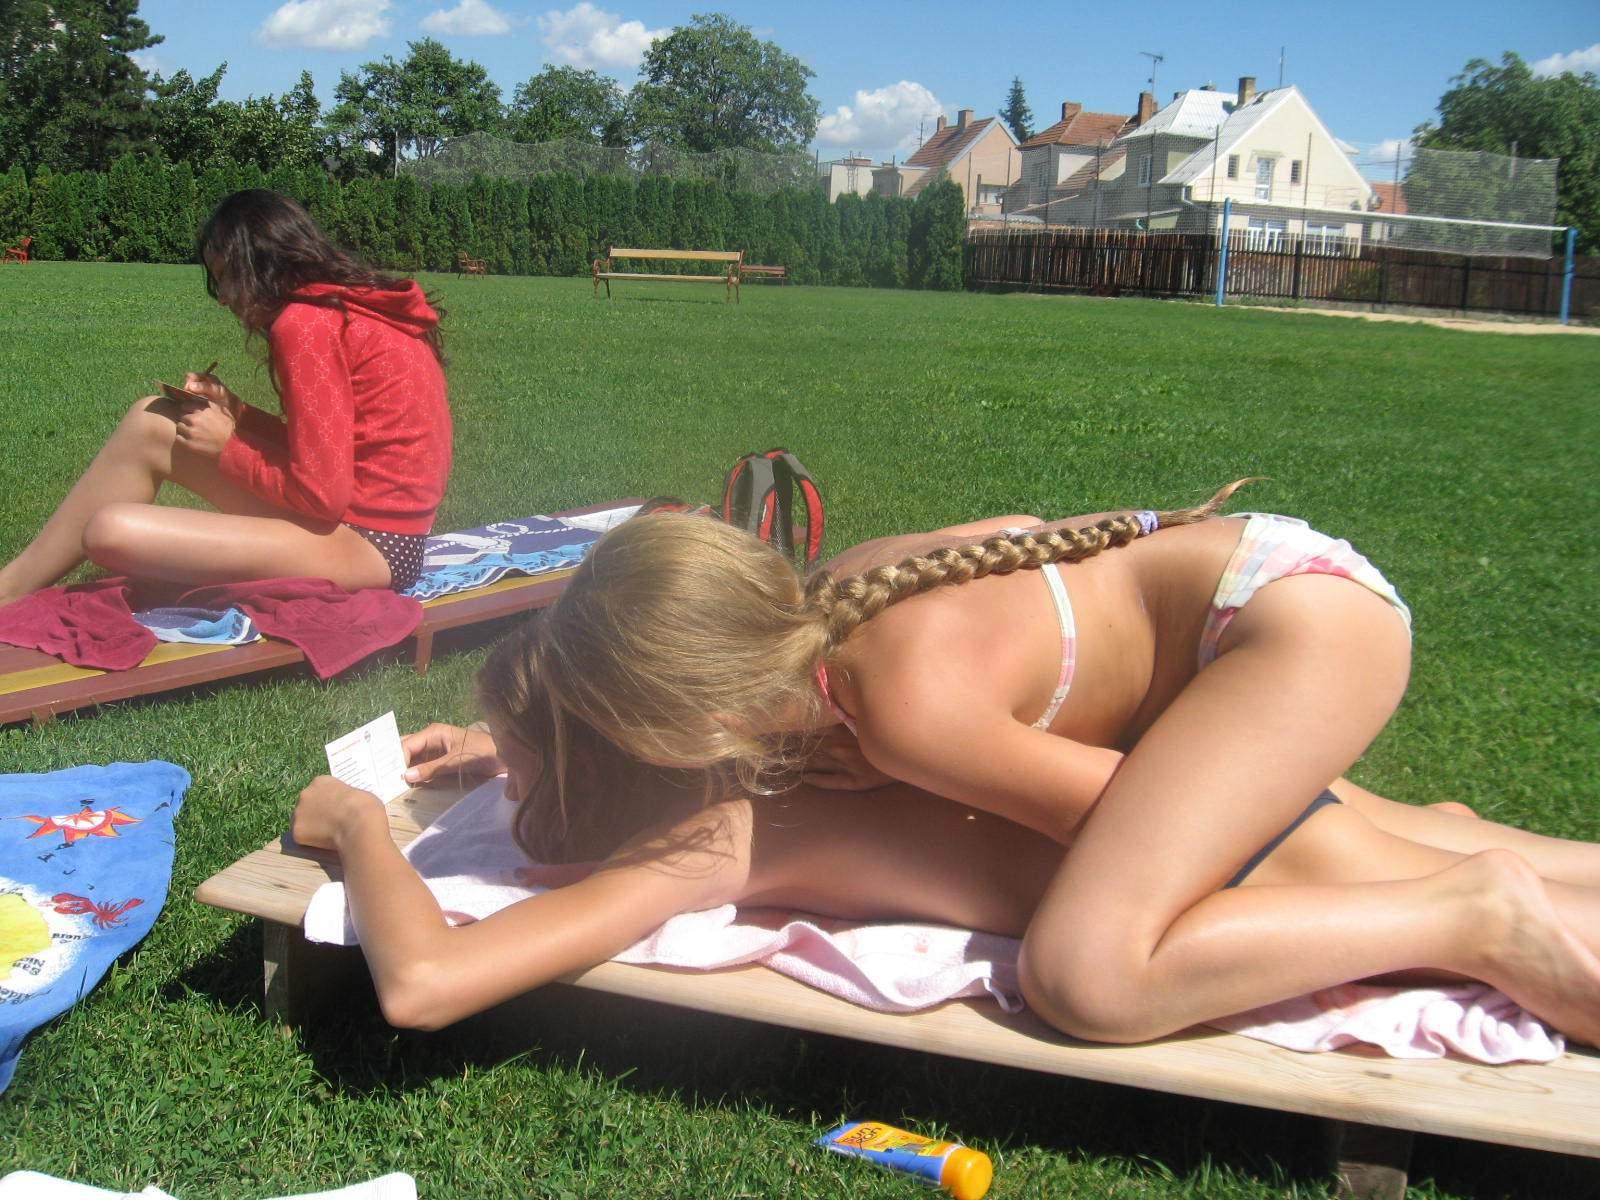 Italian teen babes nude-8934